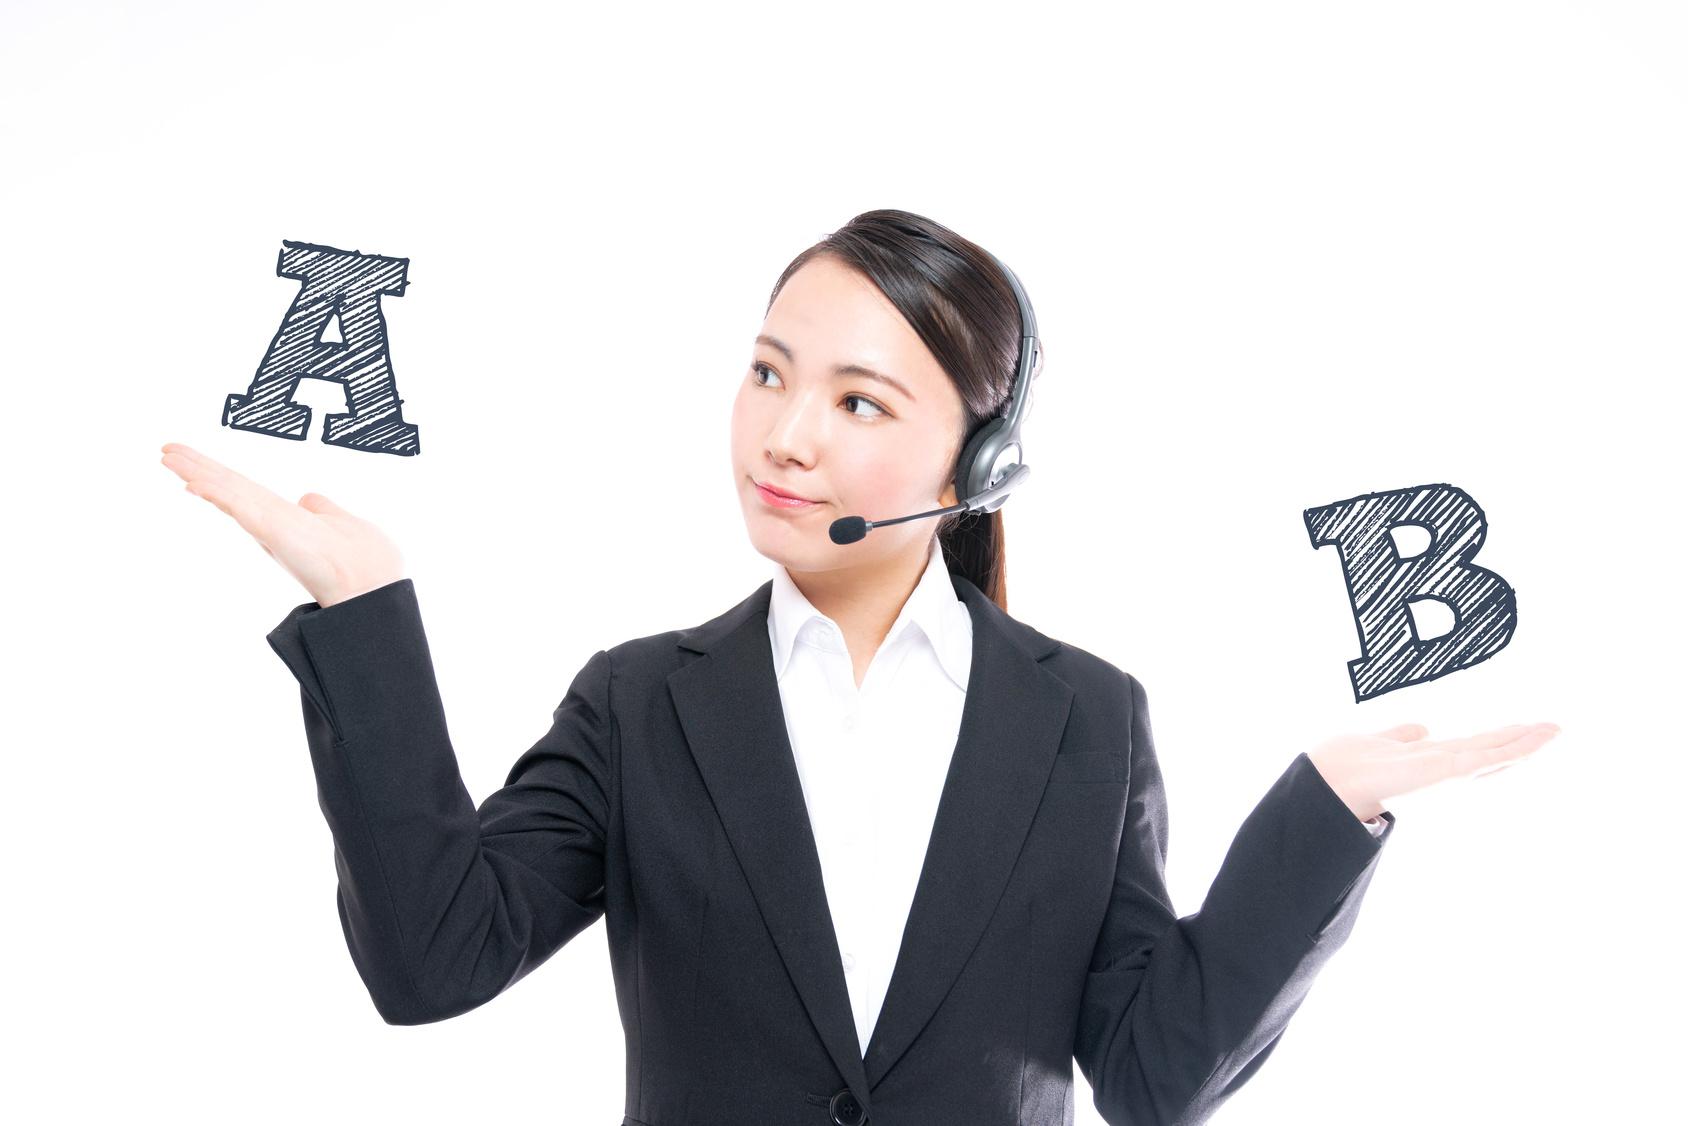 ネットワーク構築に定評のある会社・業者8選